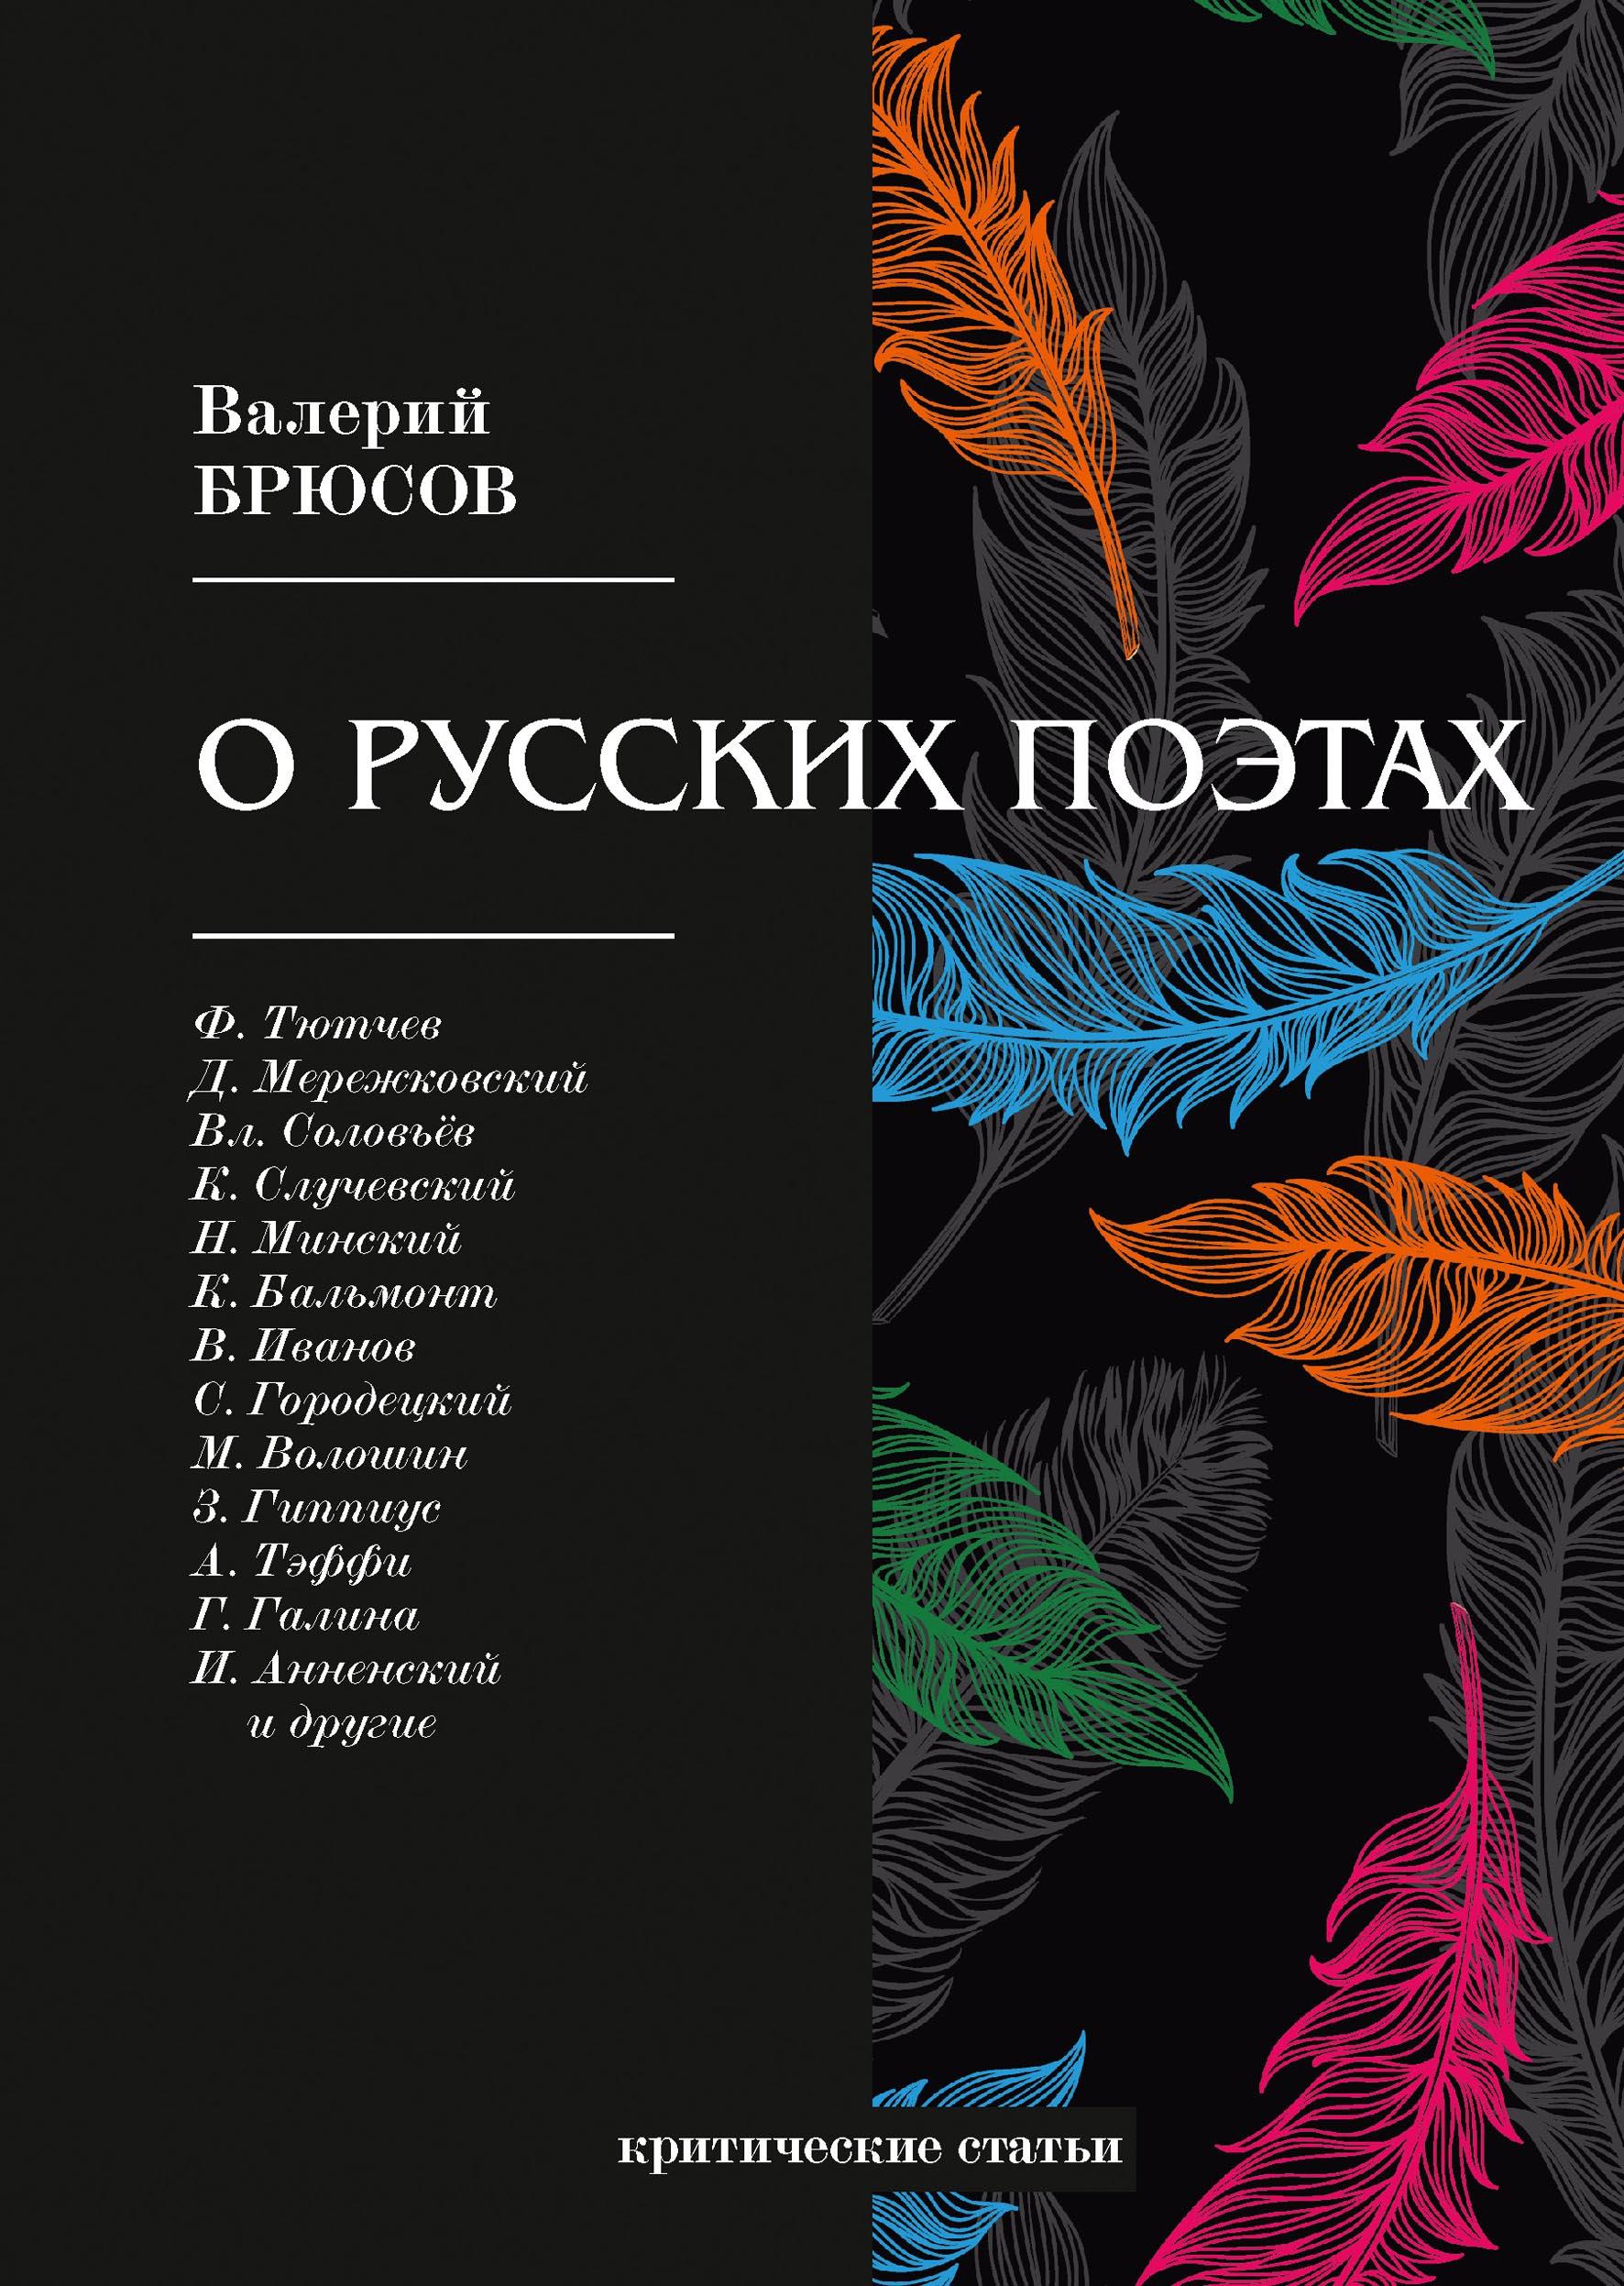 О русских поэтах, Брюсов В.